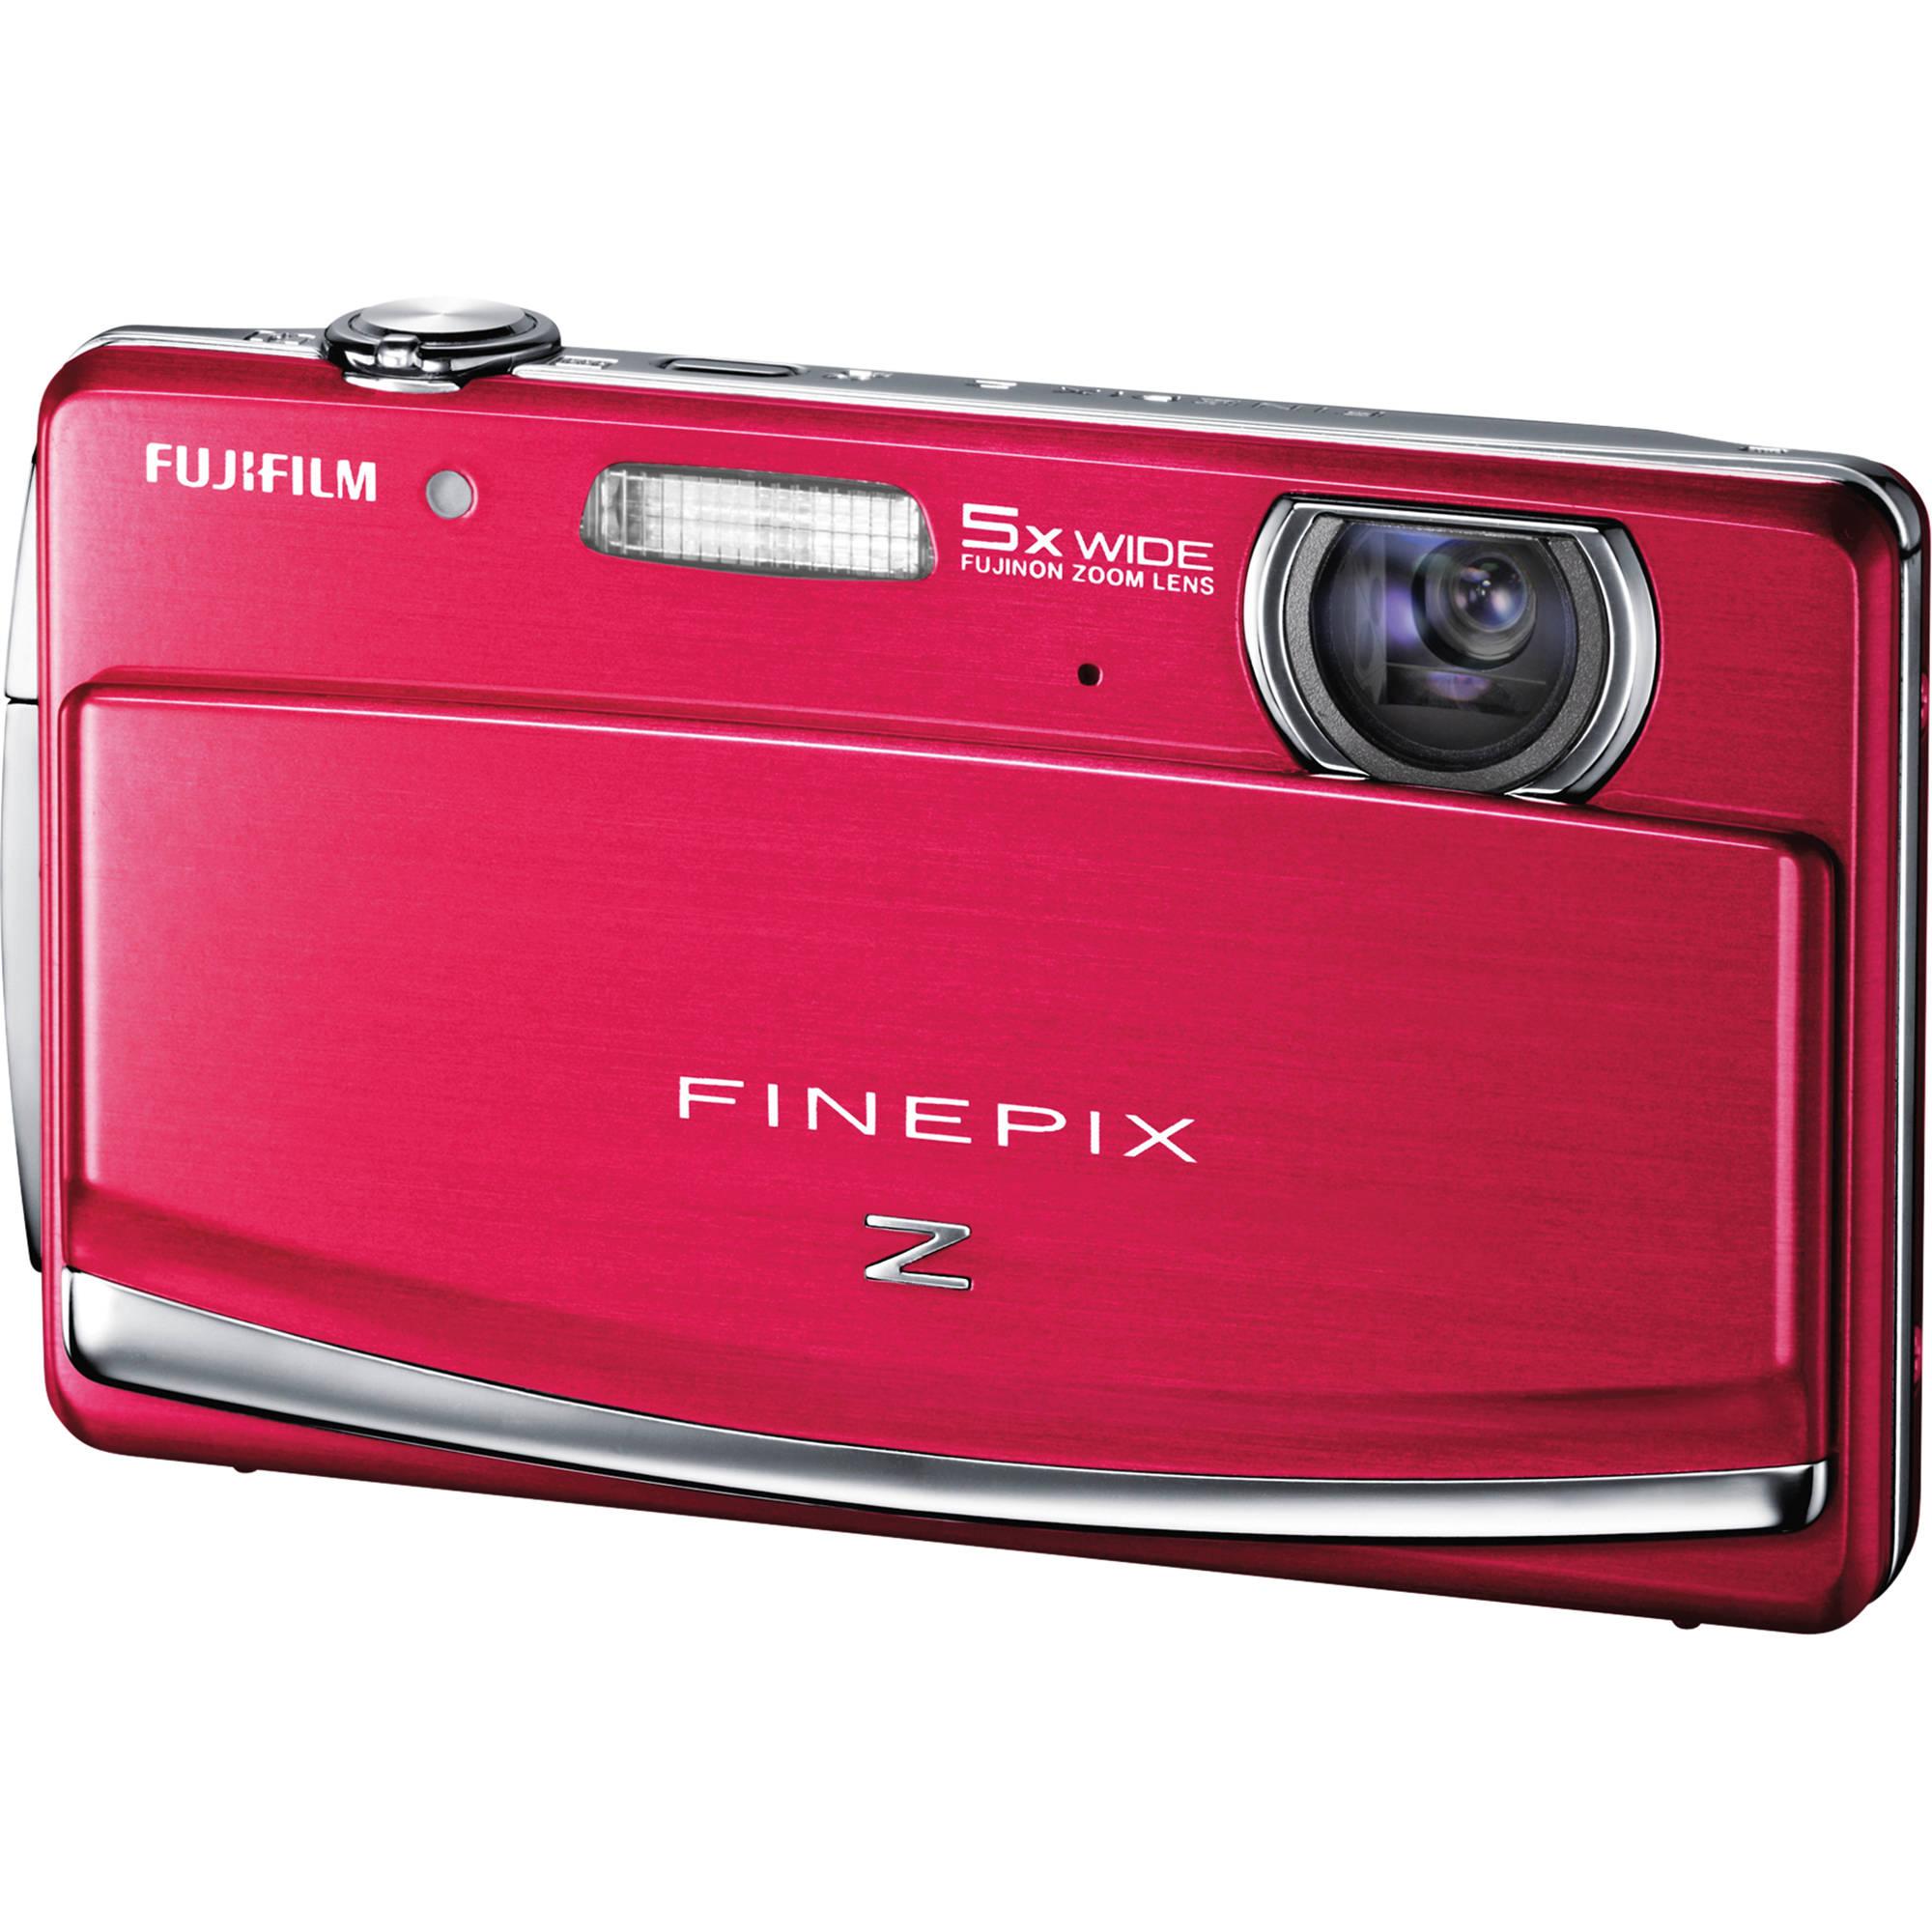 fujifilm finepix z90 digital camera red 16126284 b h photo rh bhphotovideo com Fuji FinePix 14MP Fuji FinePix HS25EXR